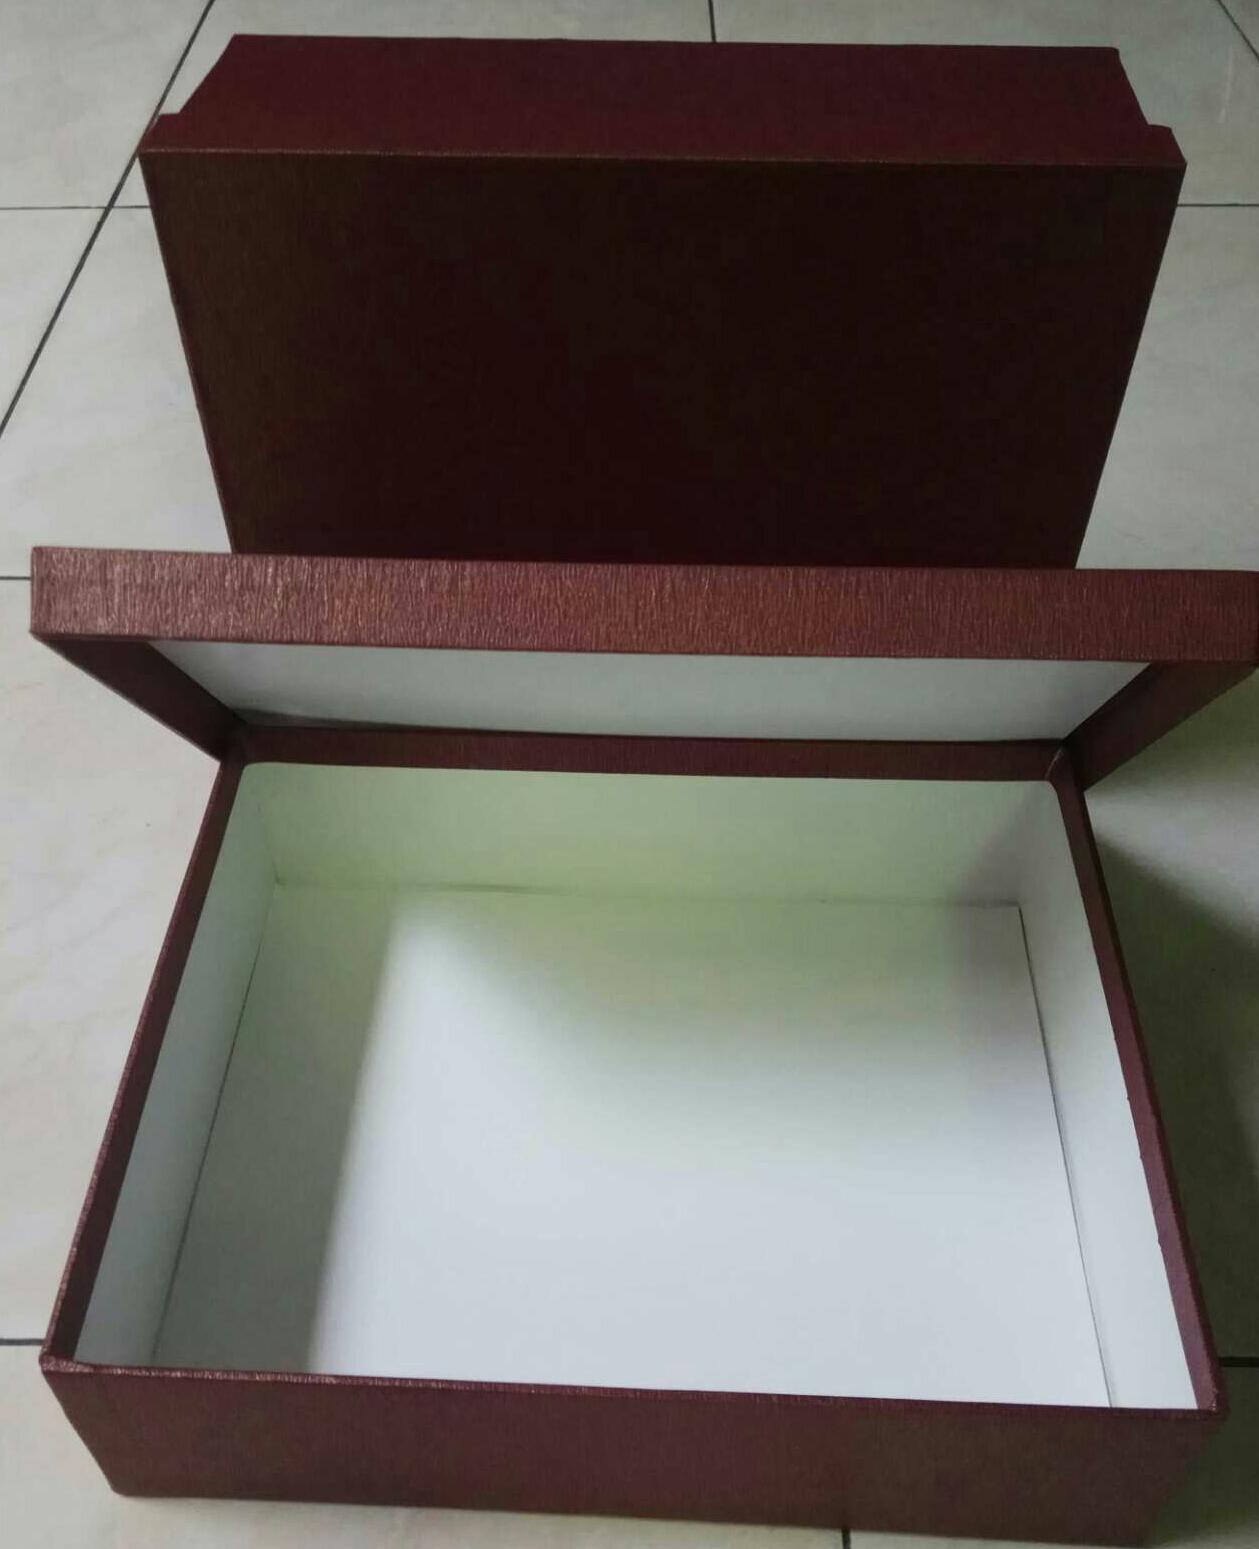 Master Kotak Kado Ukuran 22x32x5cm 22 X 32 5 Cm Box Daftar Harga 20x20x6cm 20 6 30x25x8